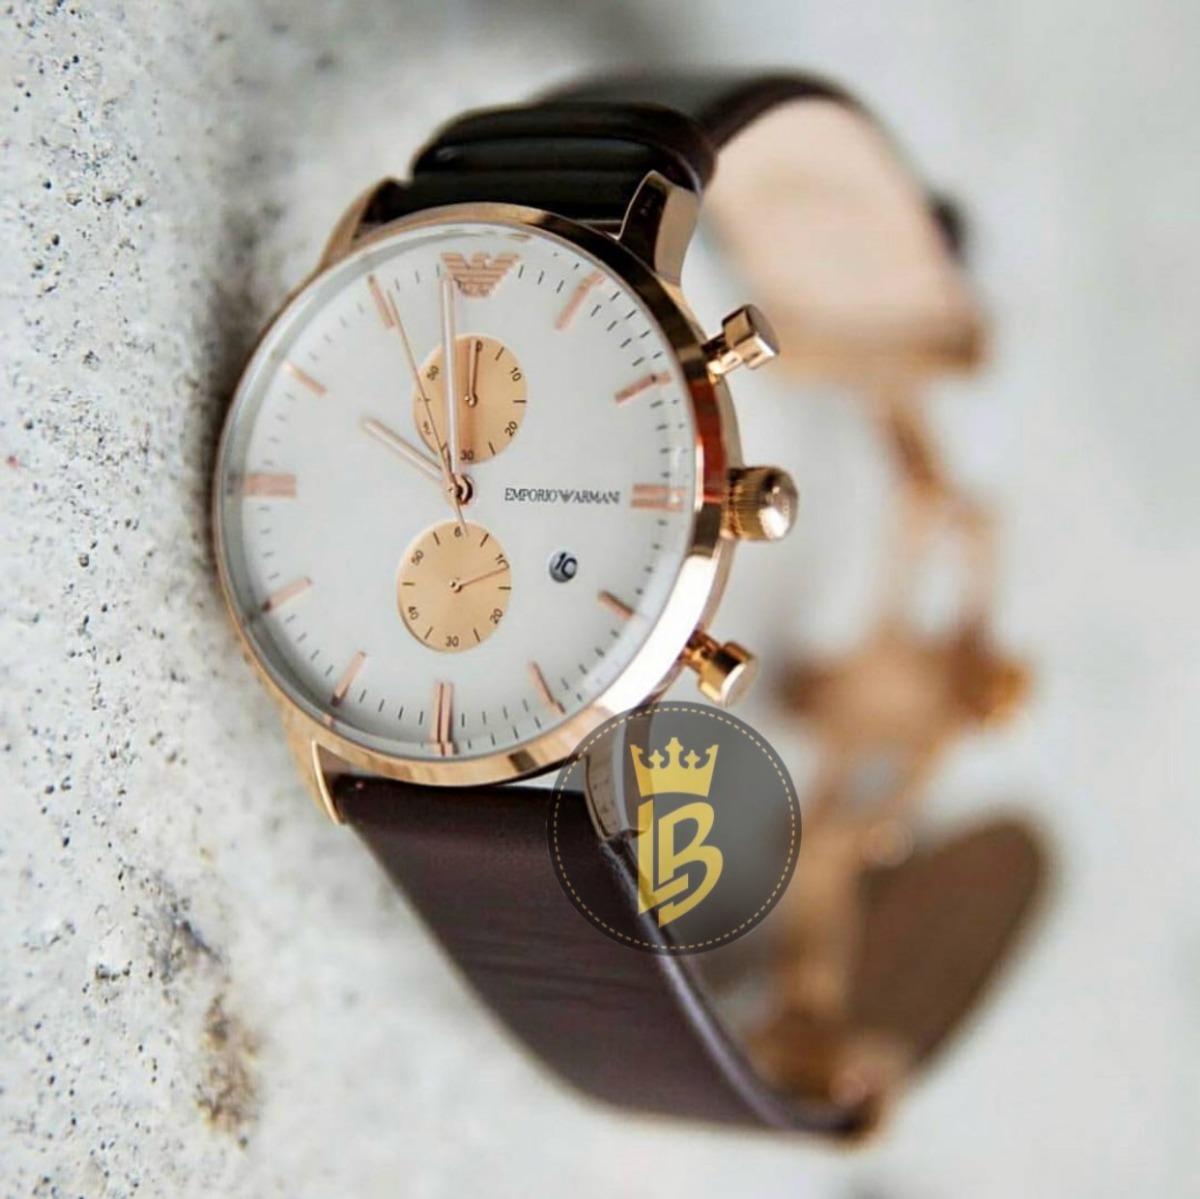 c5e6ac1c20d0f relógio empório armani ar0398 foto e vídeo real do produto. Carregando zoom.